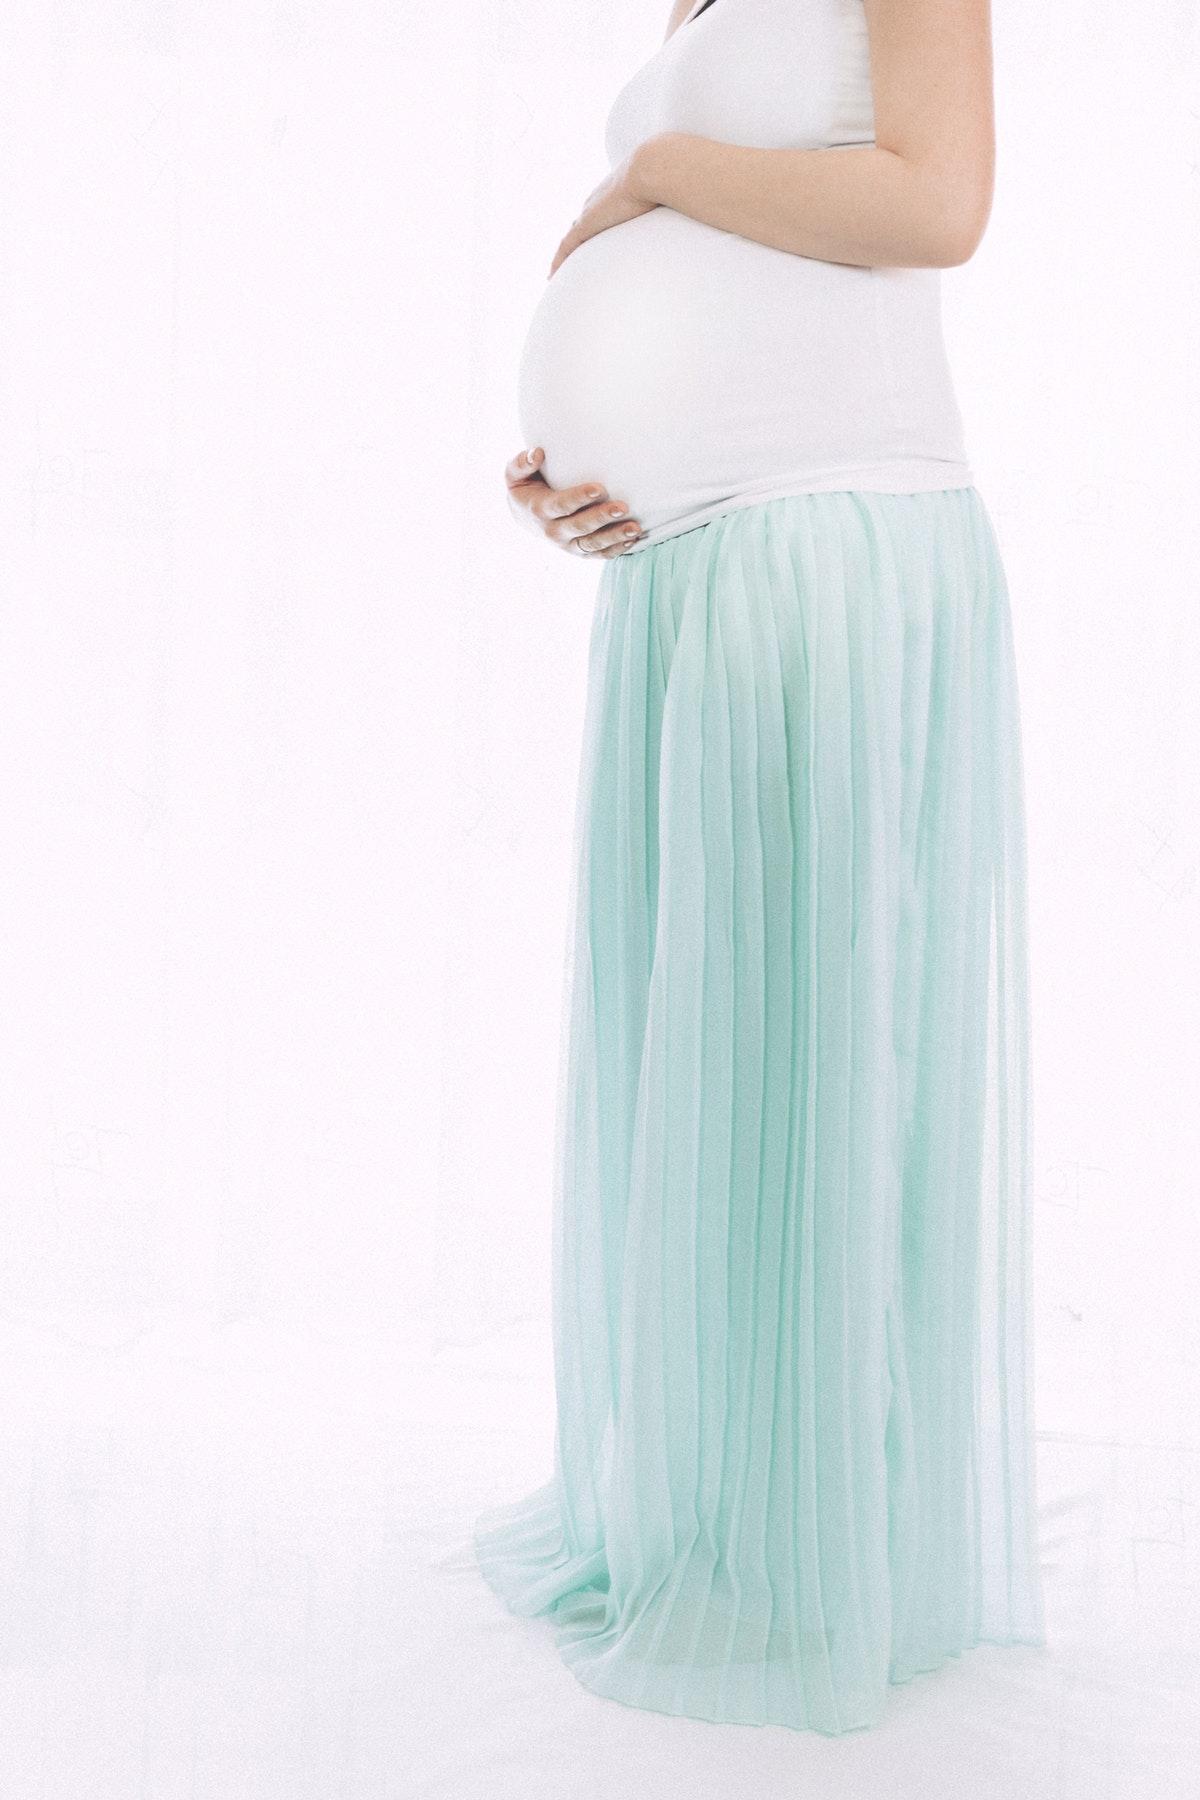 Få foreviget din graviditet Roskilde med et smukt portræt